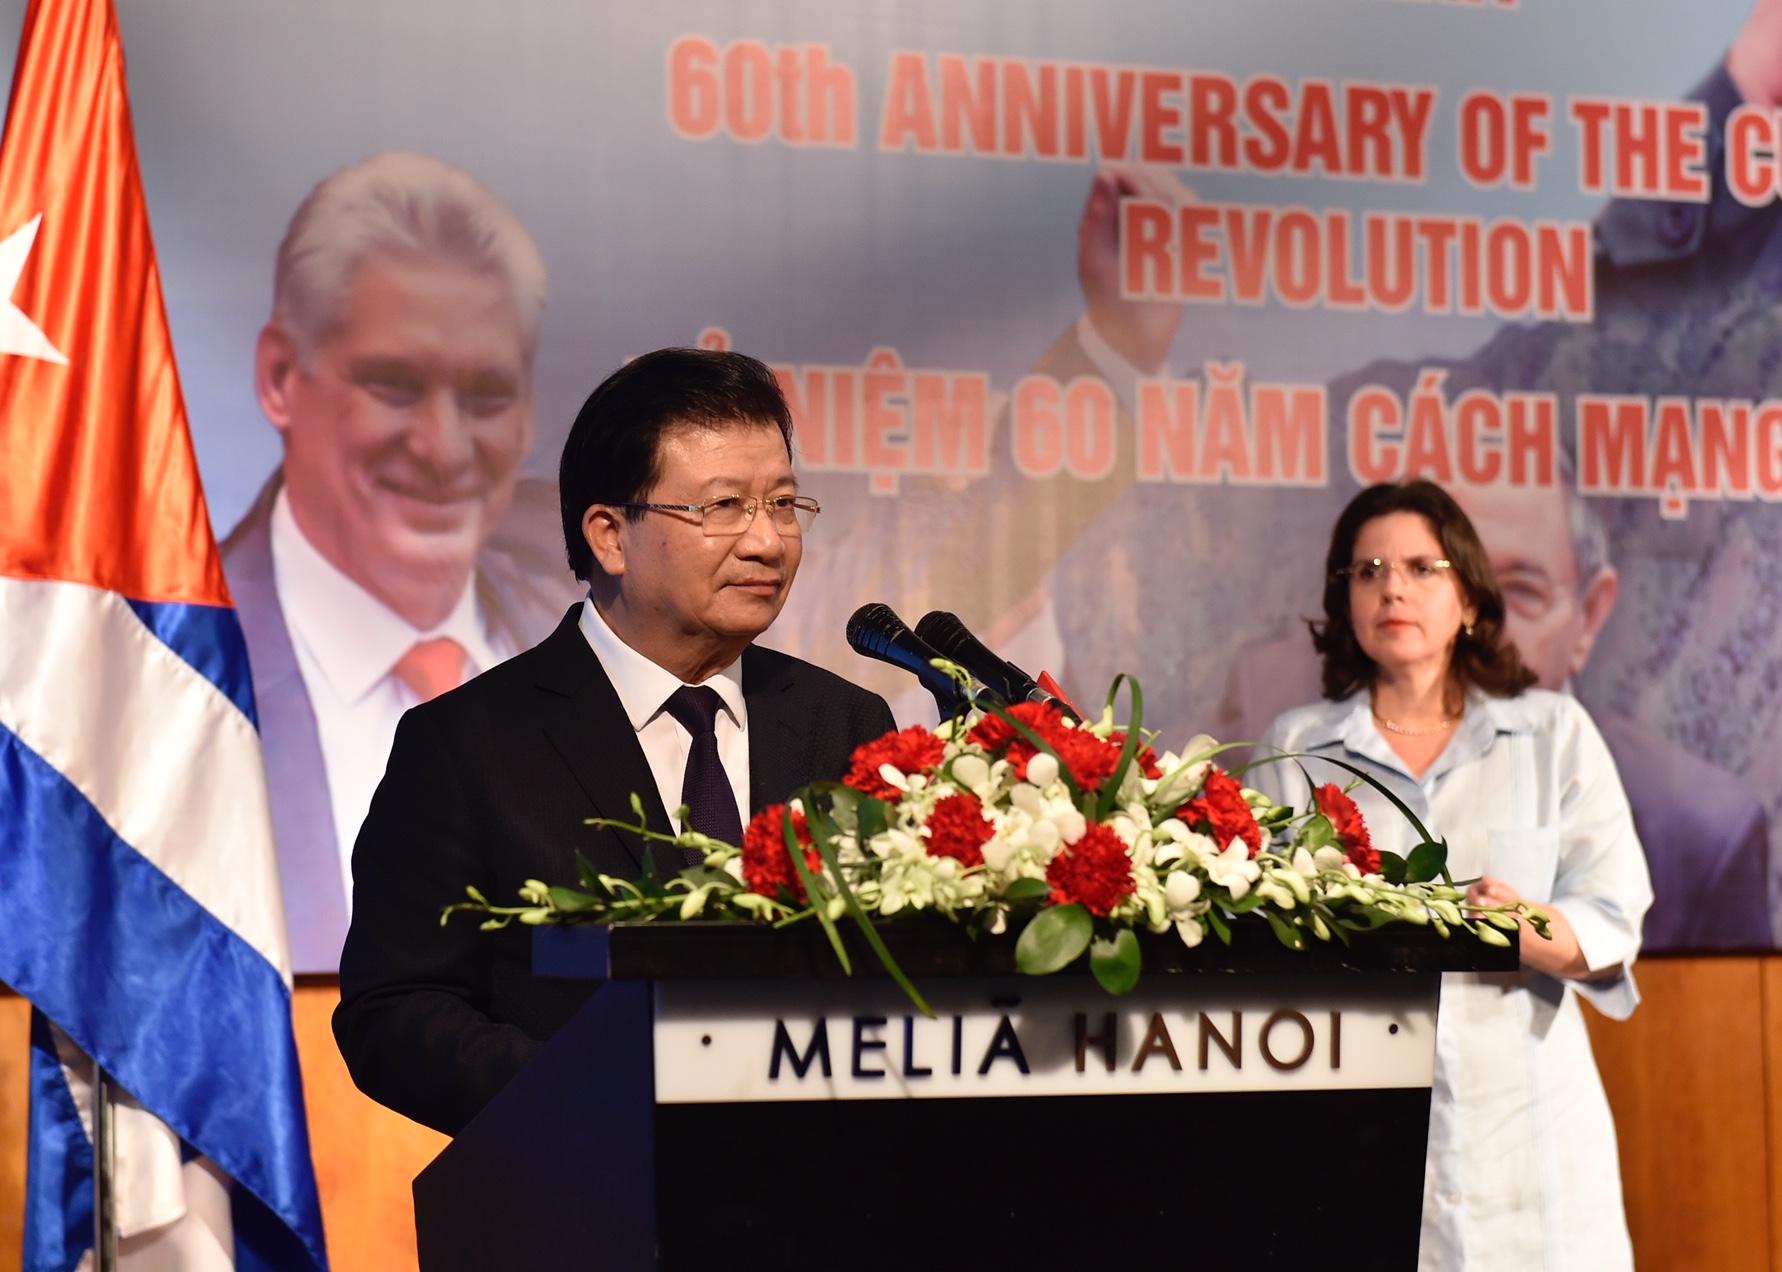 Kỷ niệm 60 năm Cách mạng Cuba thành công